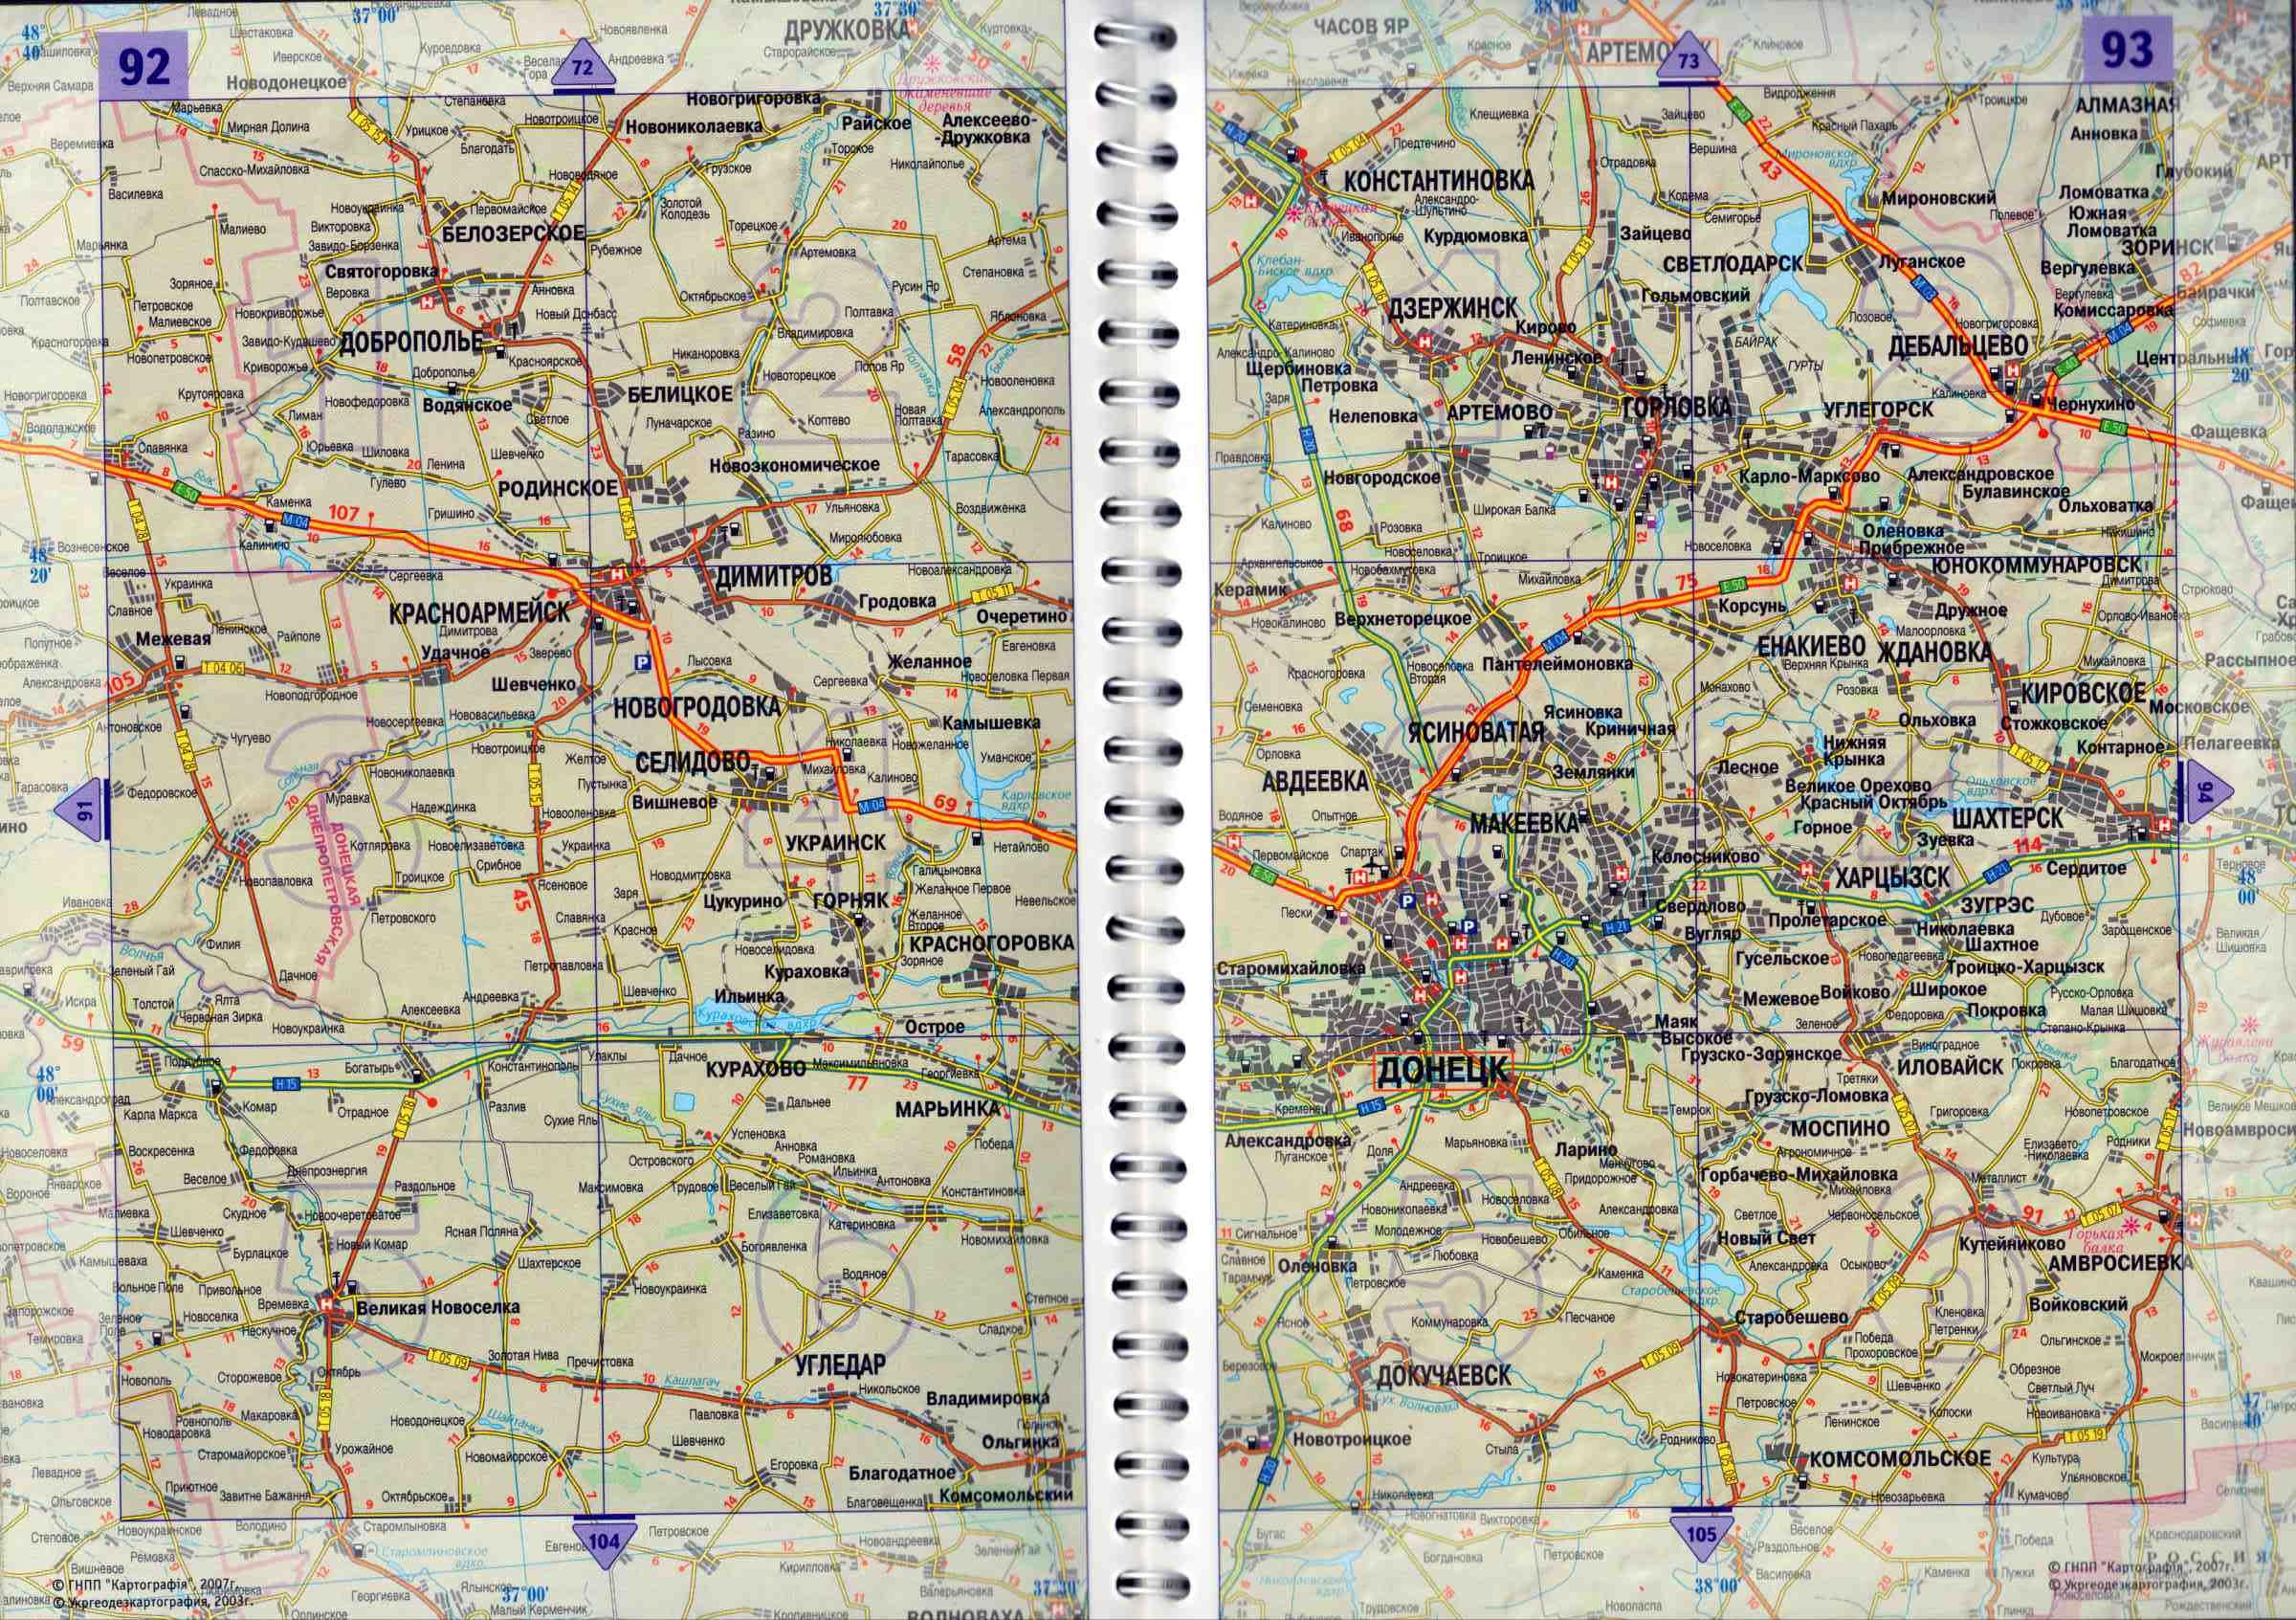 Карта Автомобильных Дорог Донецкой И Луганской Областей